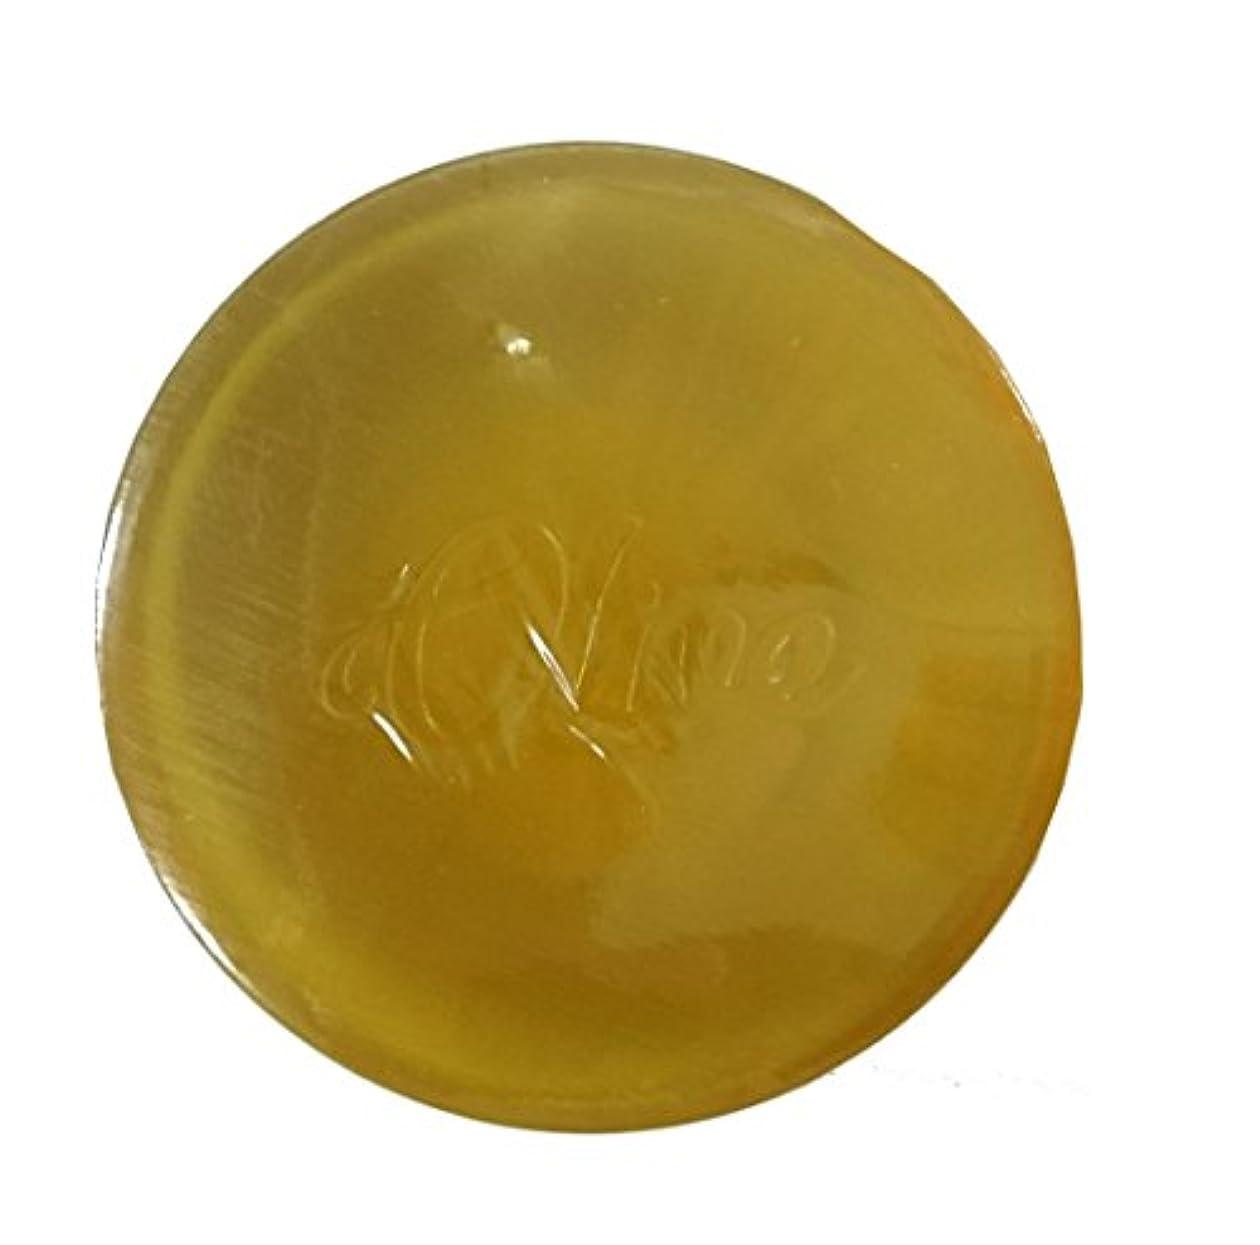 異邦人繁栄魅了するEX バージンオリーブソープ 透明石けん 90g